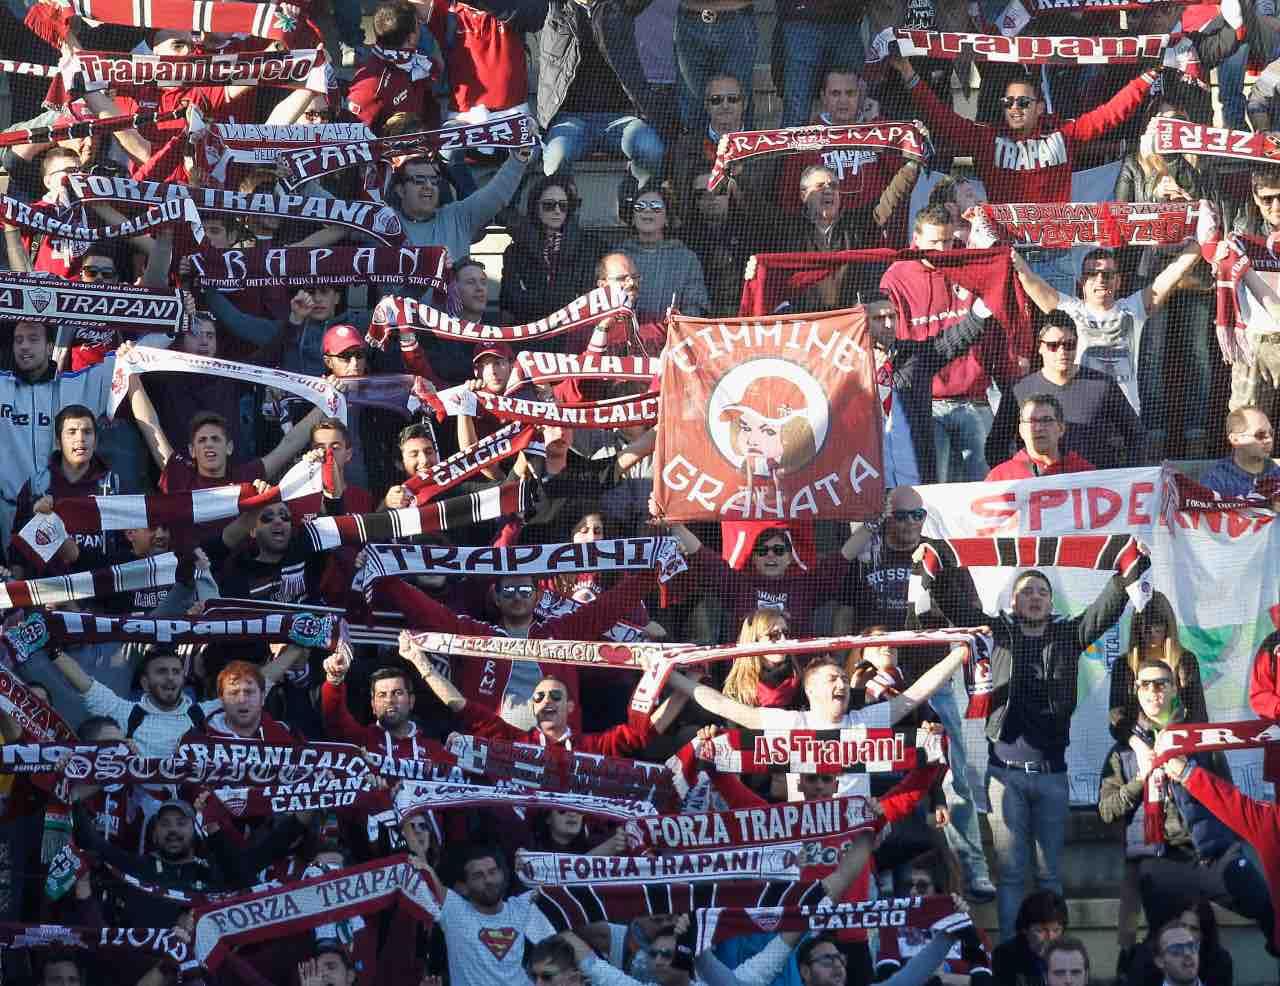 Calciomercato Trapani Nember ufficiale Serie B